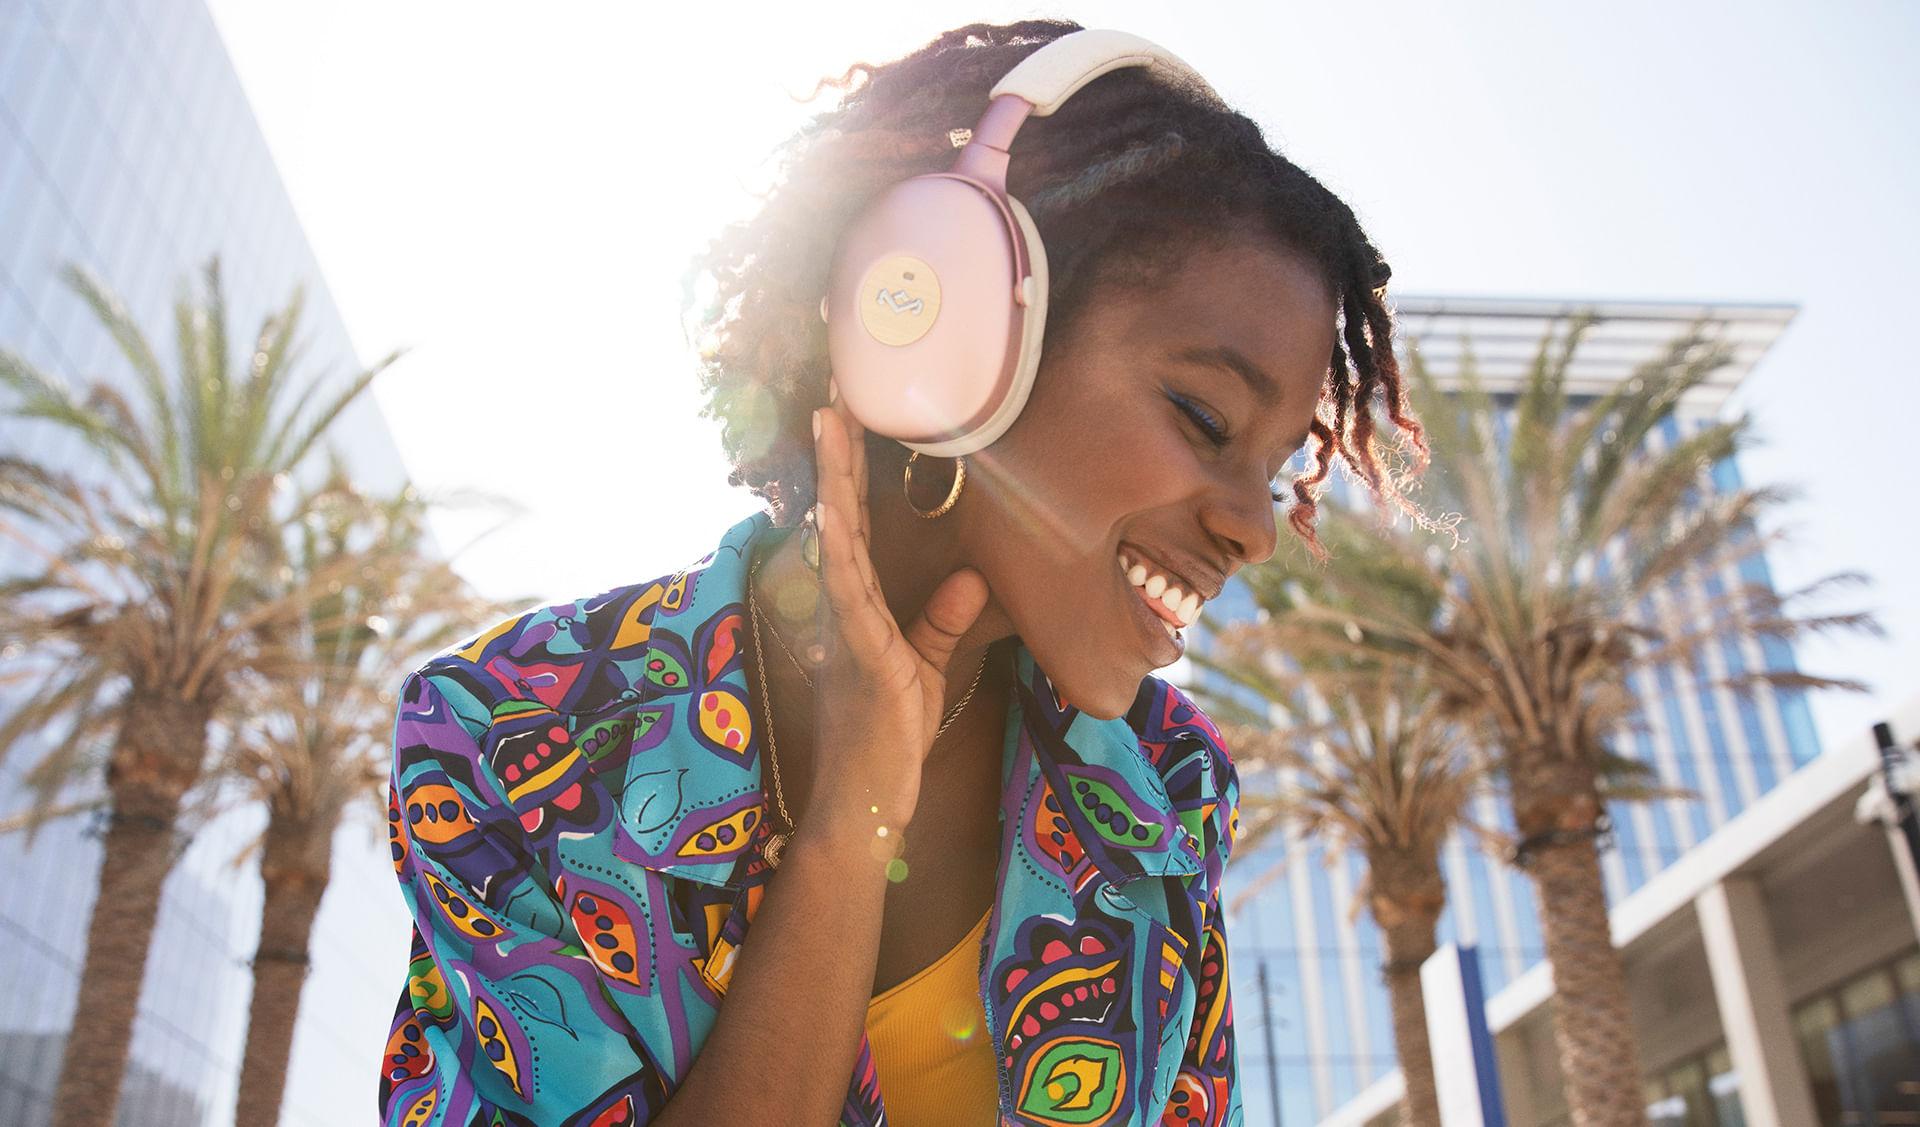 Audífonos Positive Vibration XL ANC Copper de The House of Marley